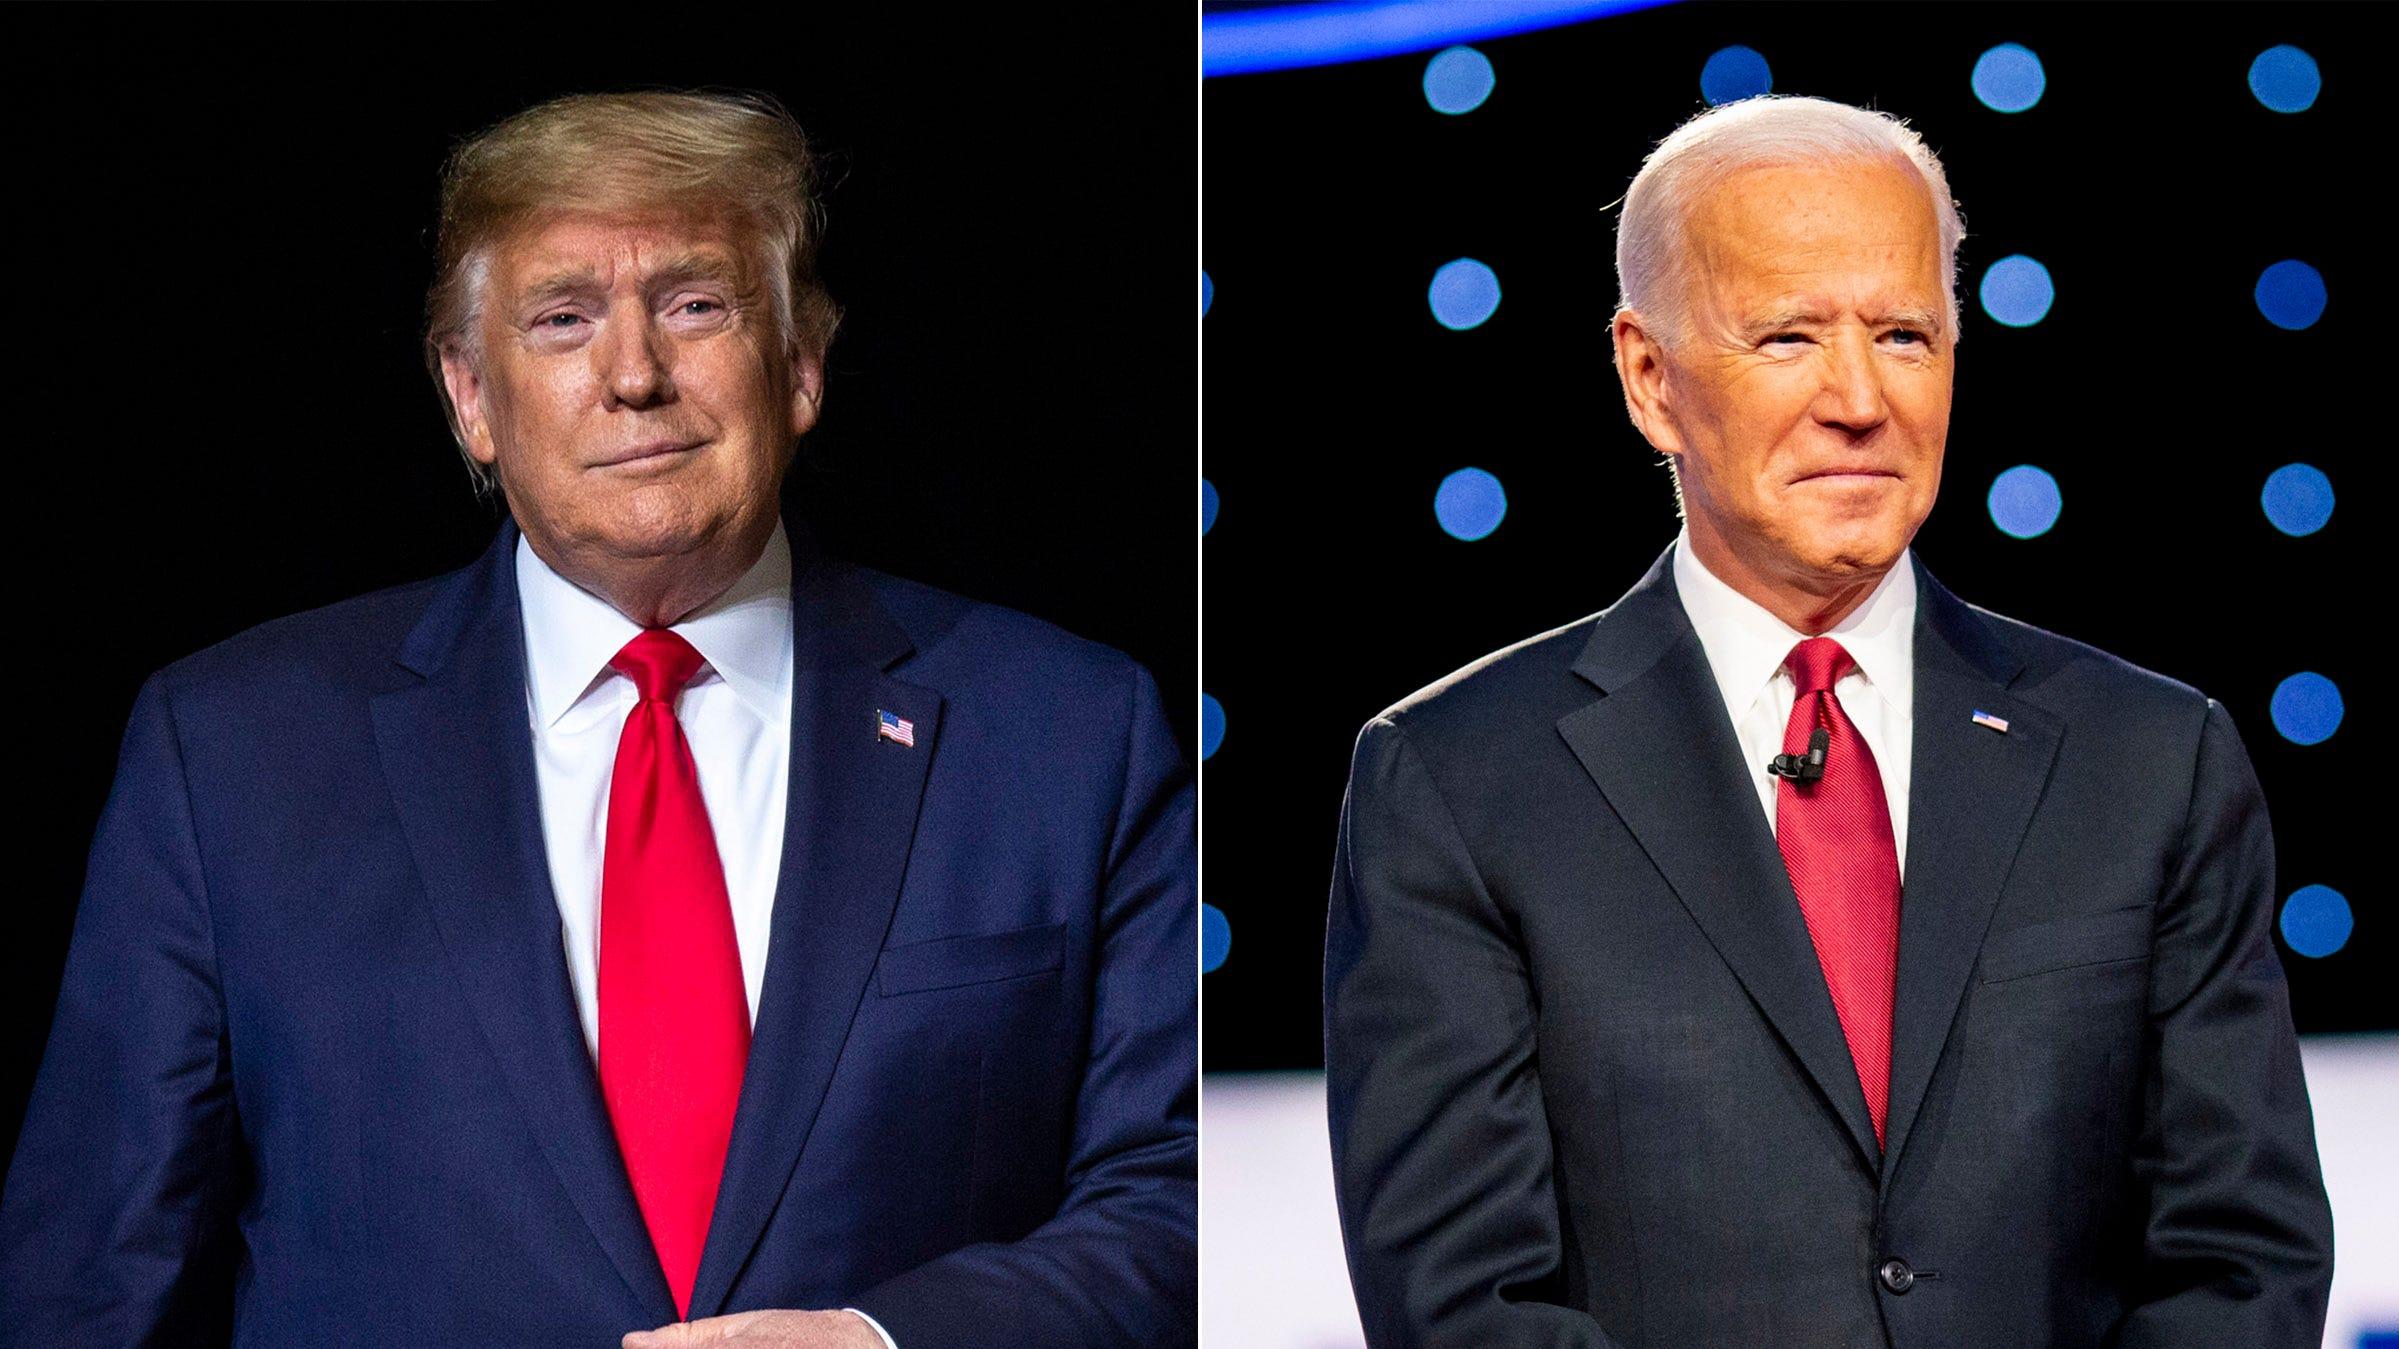 """Ông Joe Biden công khai hồ sơ thuê trước cuộc tranh luận đầu tiên, """"thách"""" Tổng thống Mỹ làm điều tương tự - Ảnh 1"""